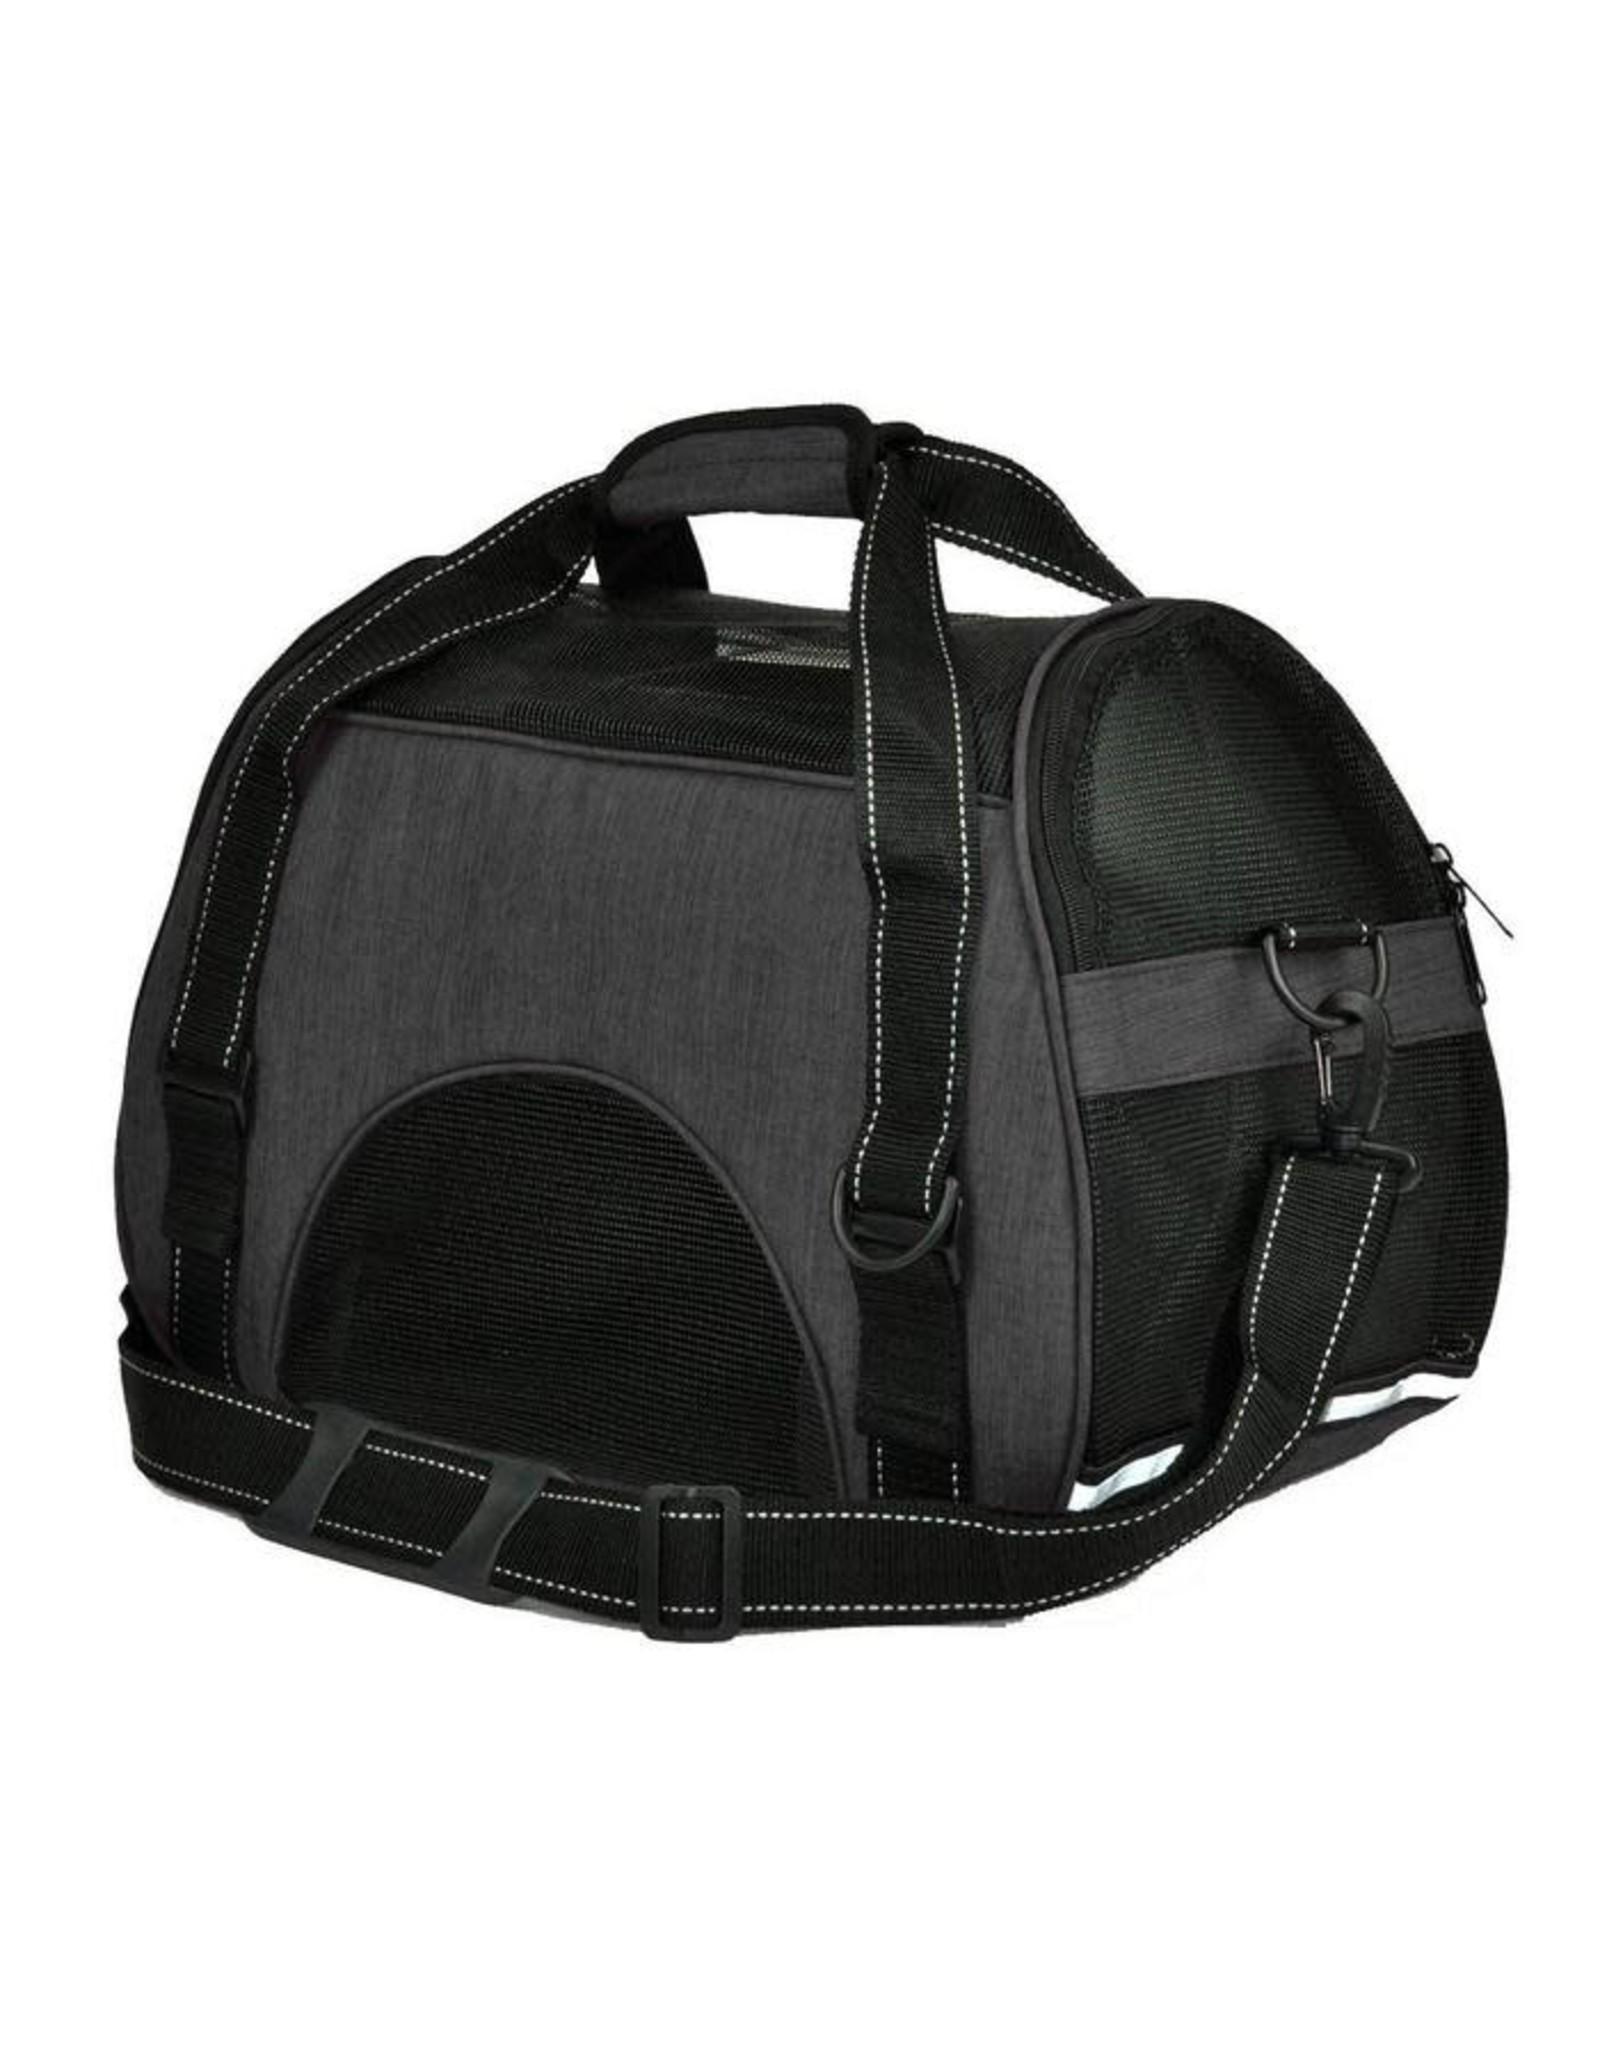 Dogline dogline carrier medium black